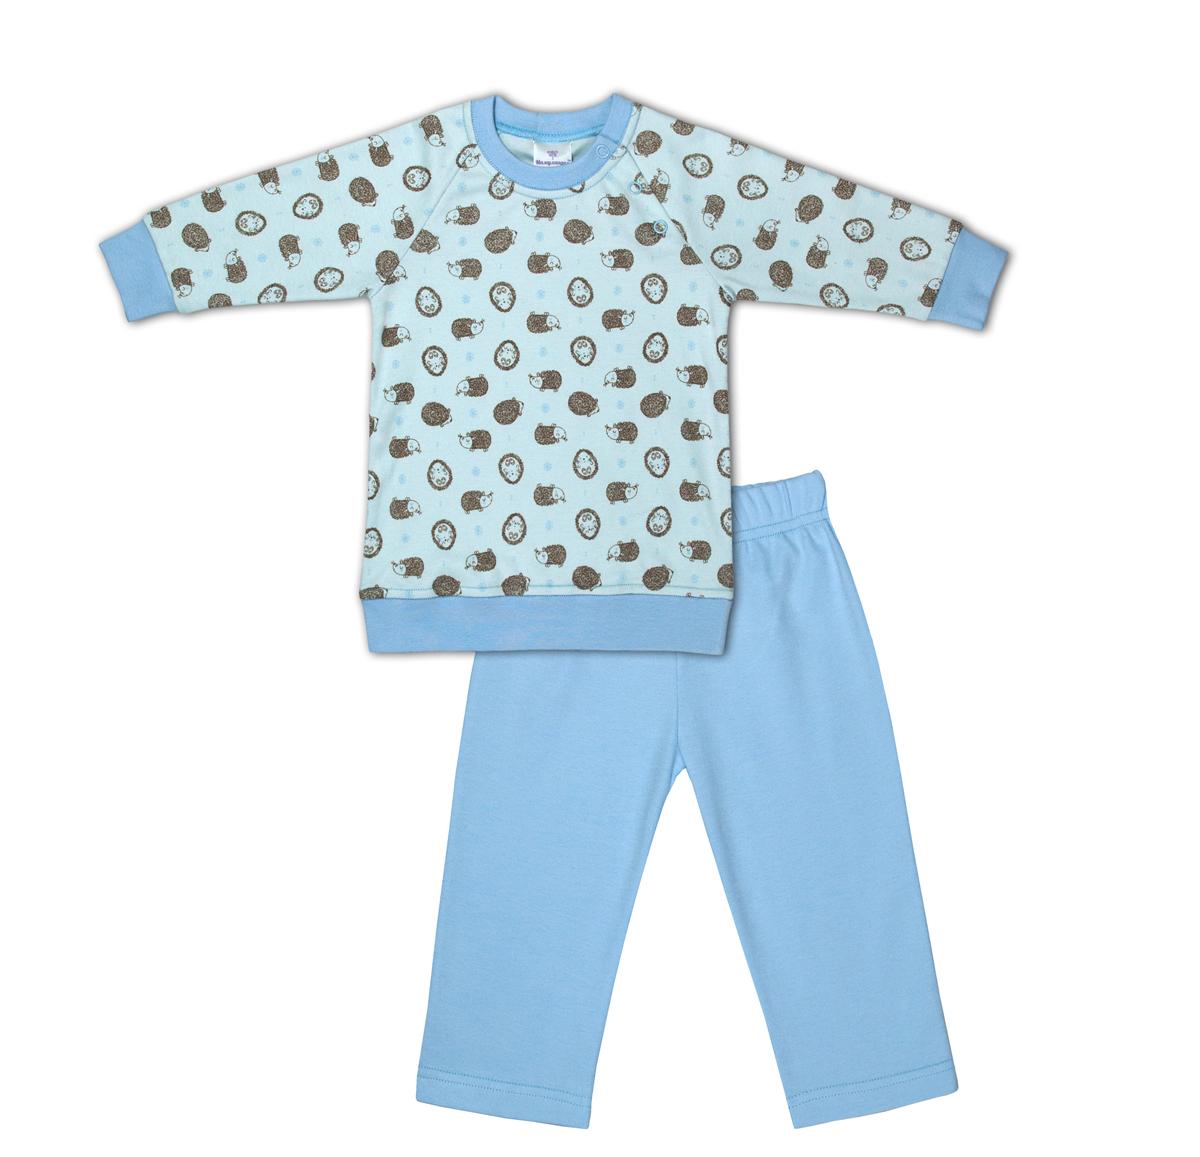 Комплект одежды для мальчика Мамуляндия: брюки, джемпер, цвет: голубой. 17-17003. Размер 92 водолазки и лонгсливы мамуляндия джемпер ягодки 17 206